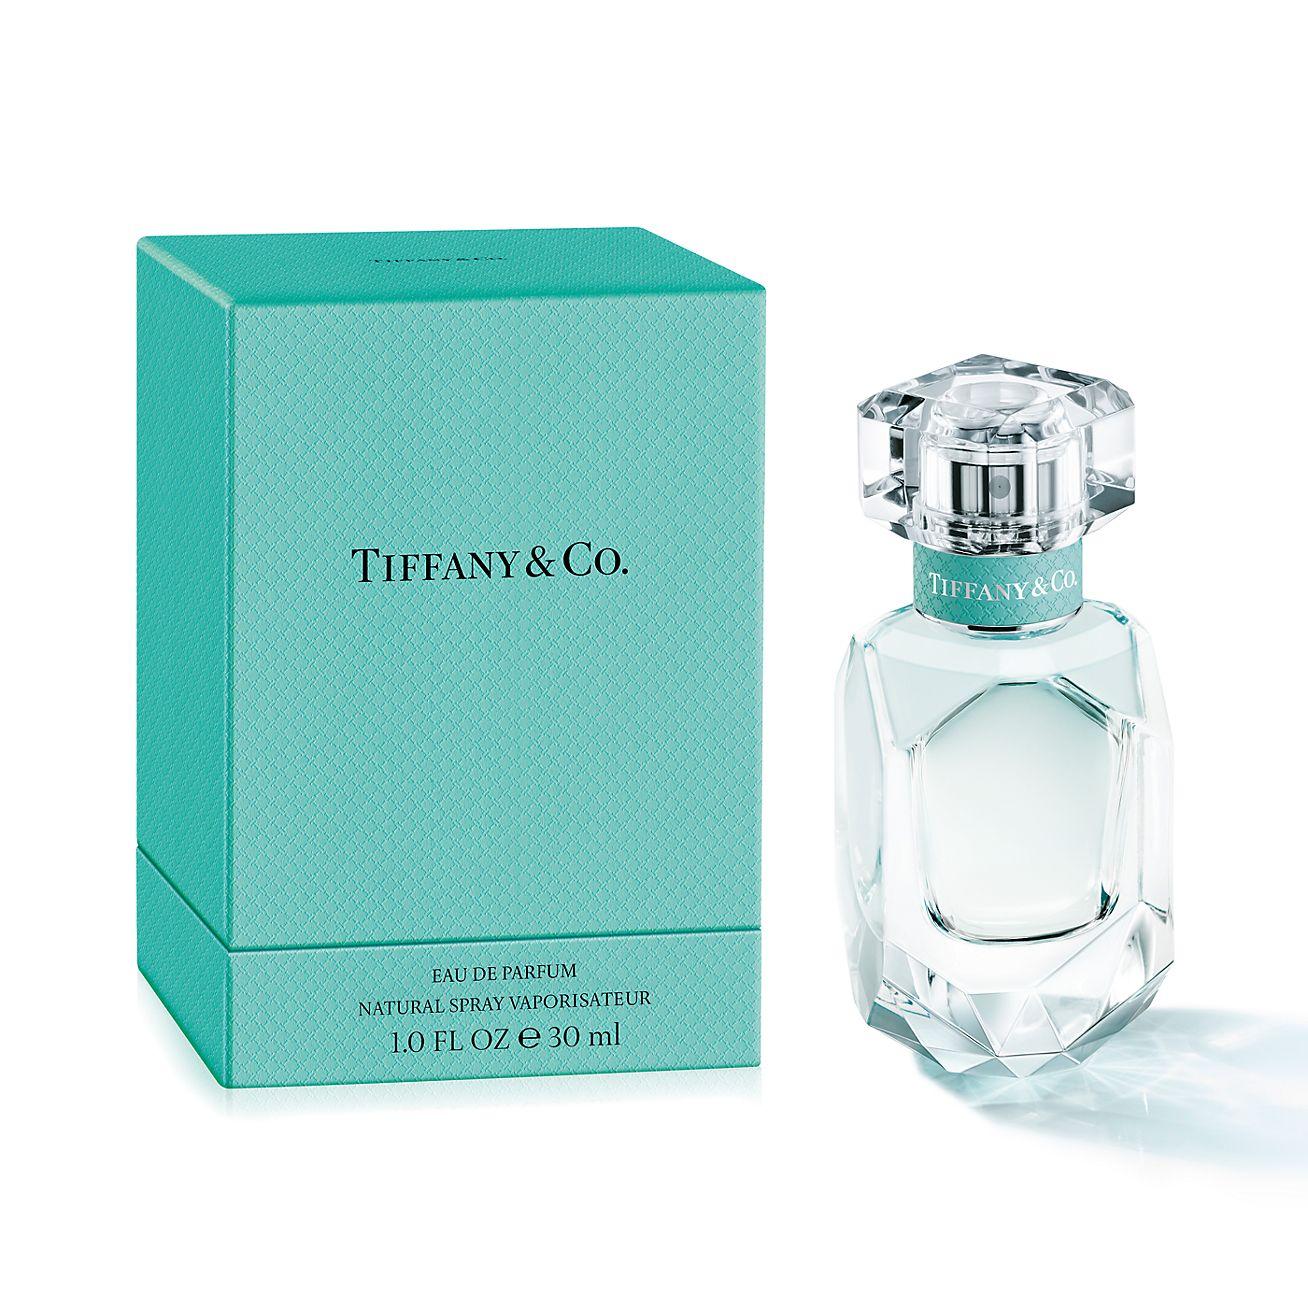 Tiffany eau de parfum, 30 ml.   Tiffany